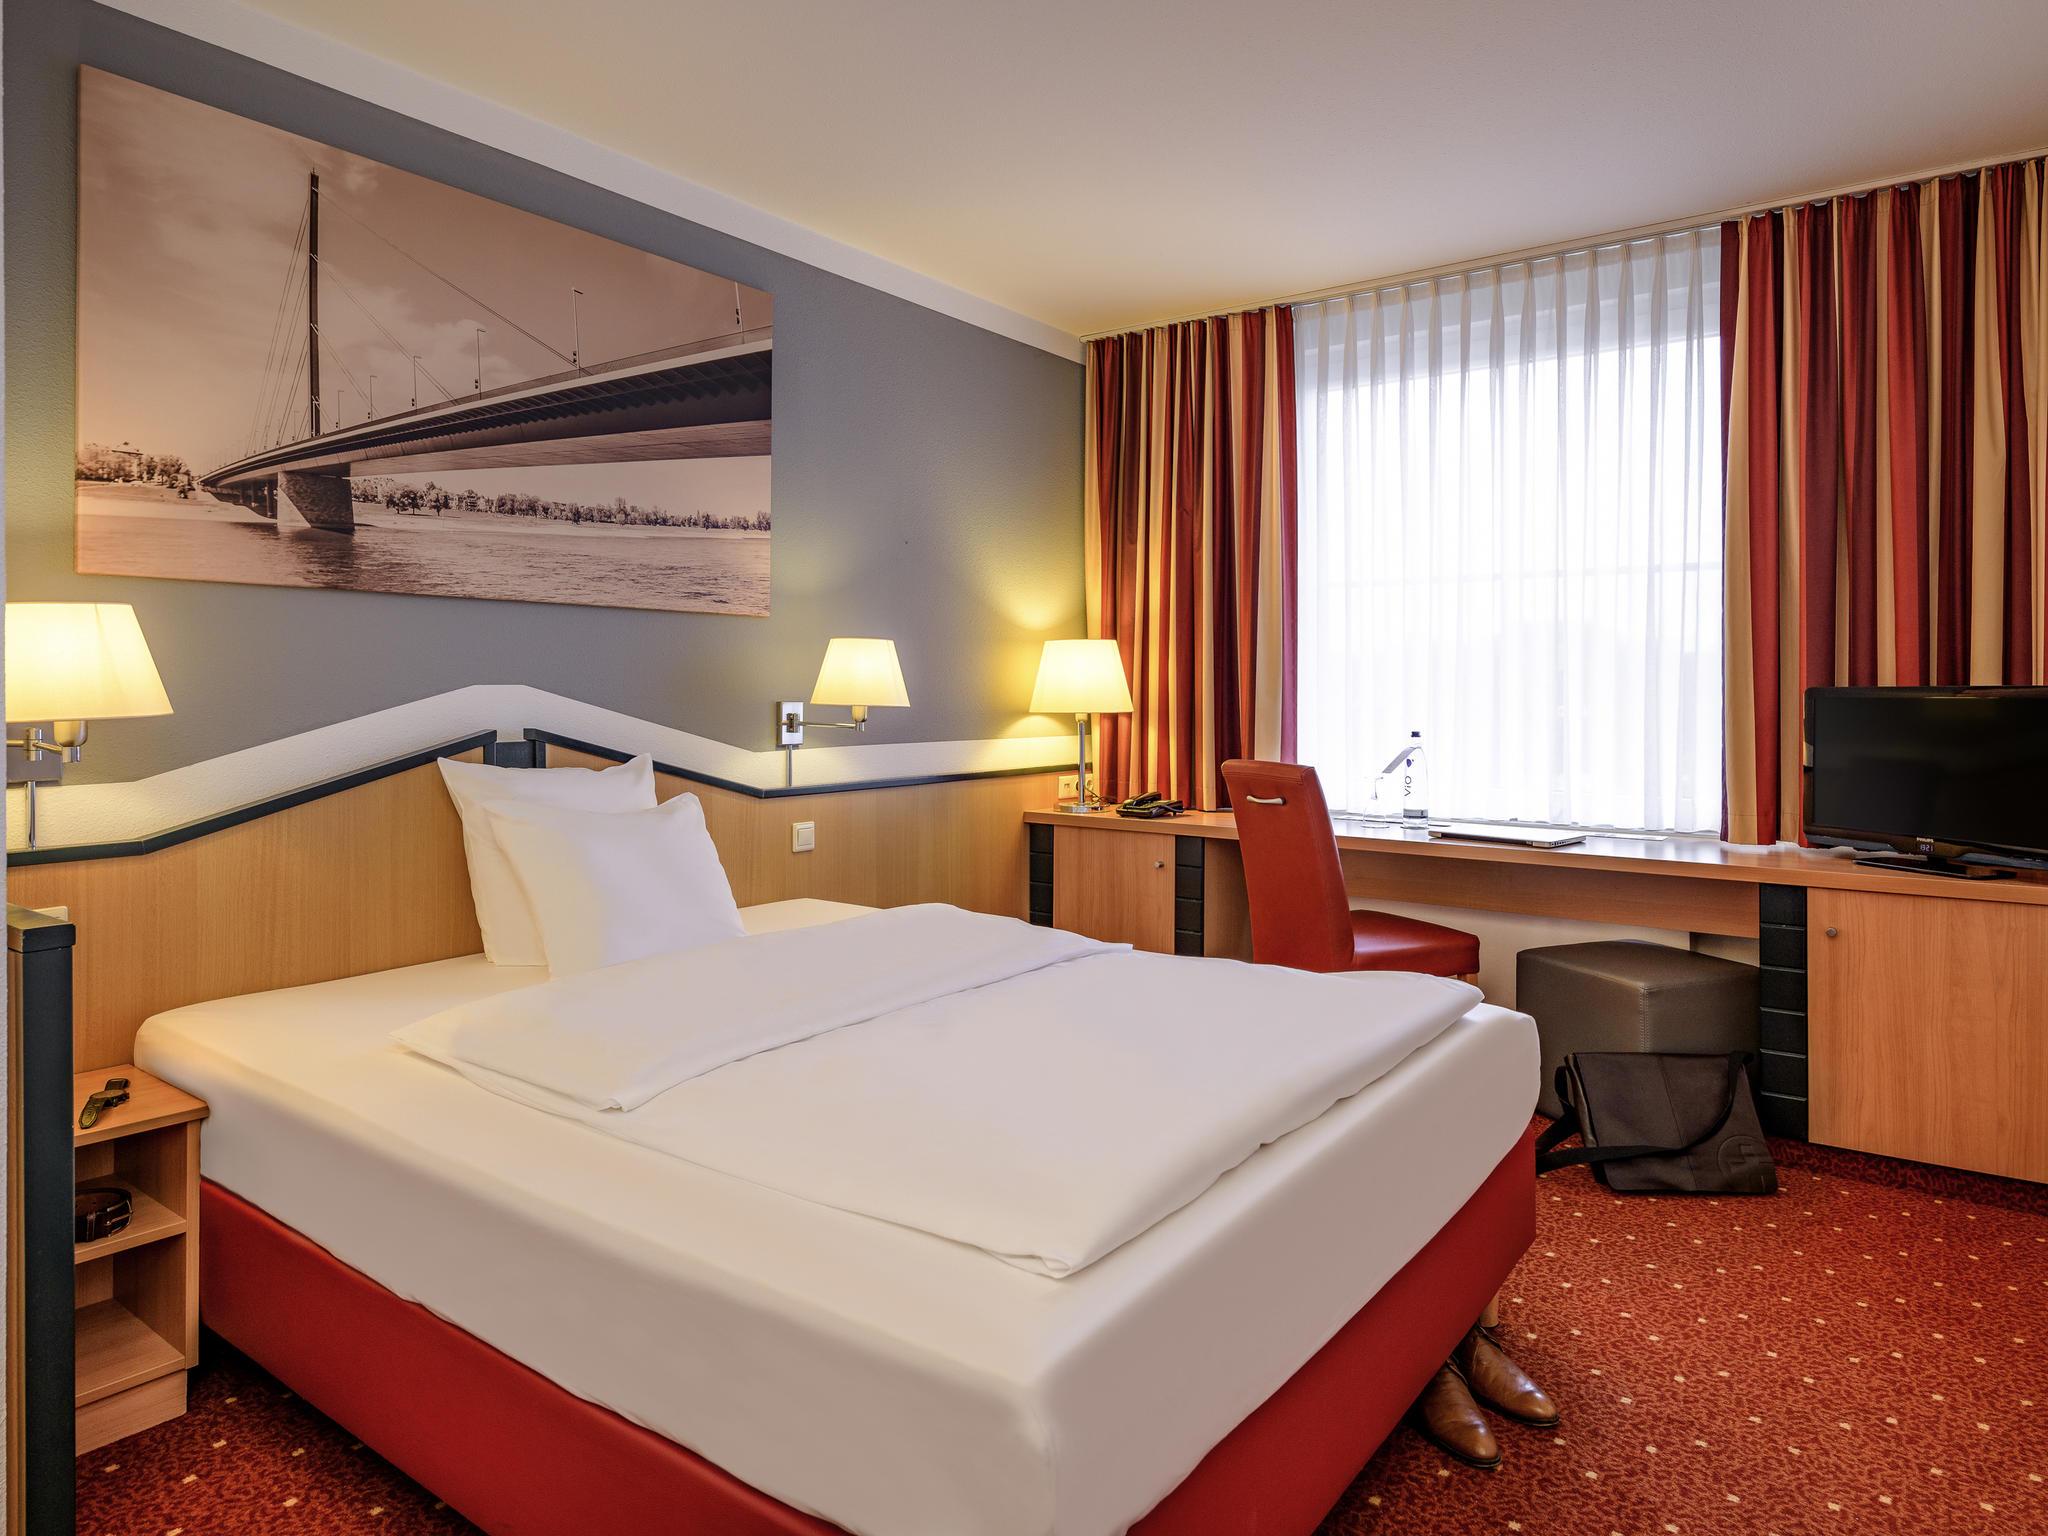 Hotel Mercure Duesseldorf Ratingen